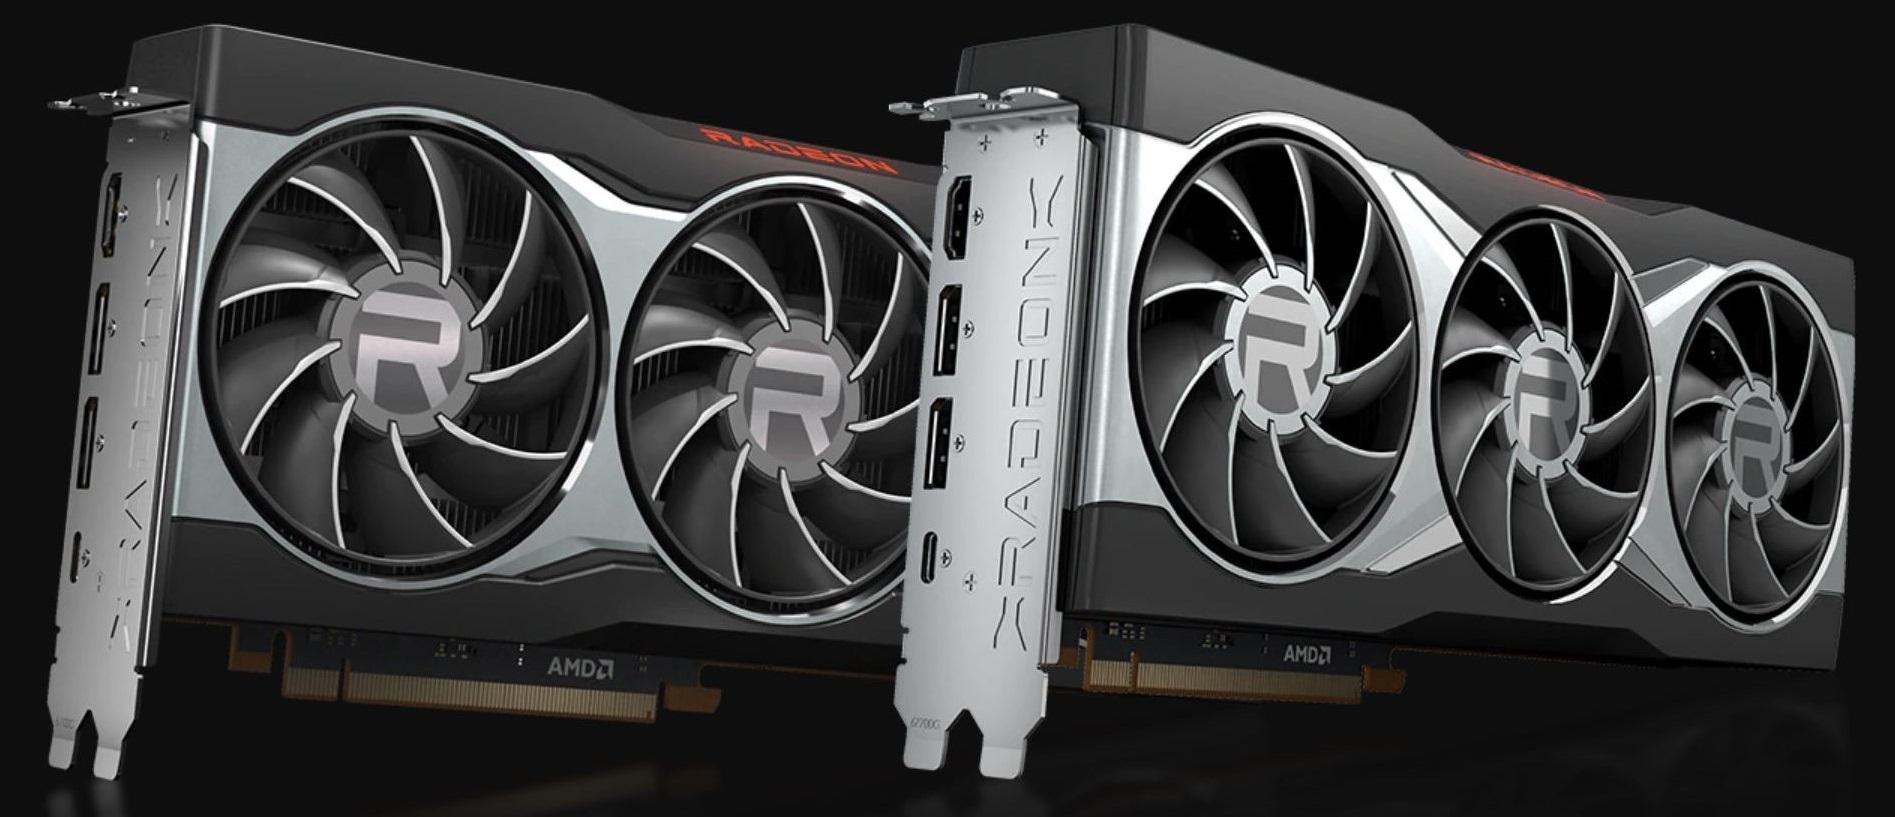 ¡Enterate! la tarjeta gráfica AMD Radeon RX 6800 ya disponible en India,